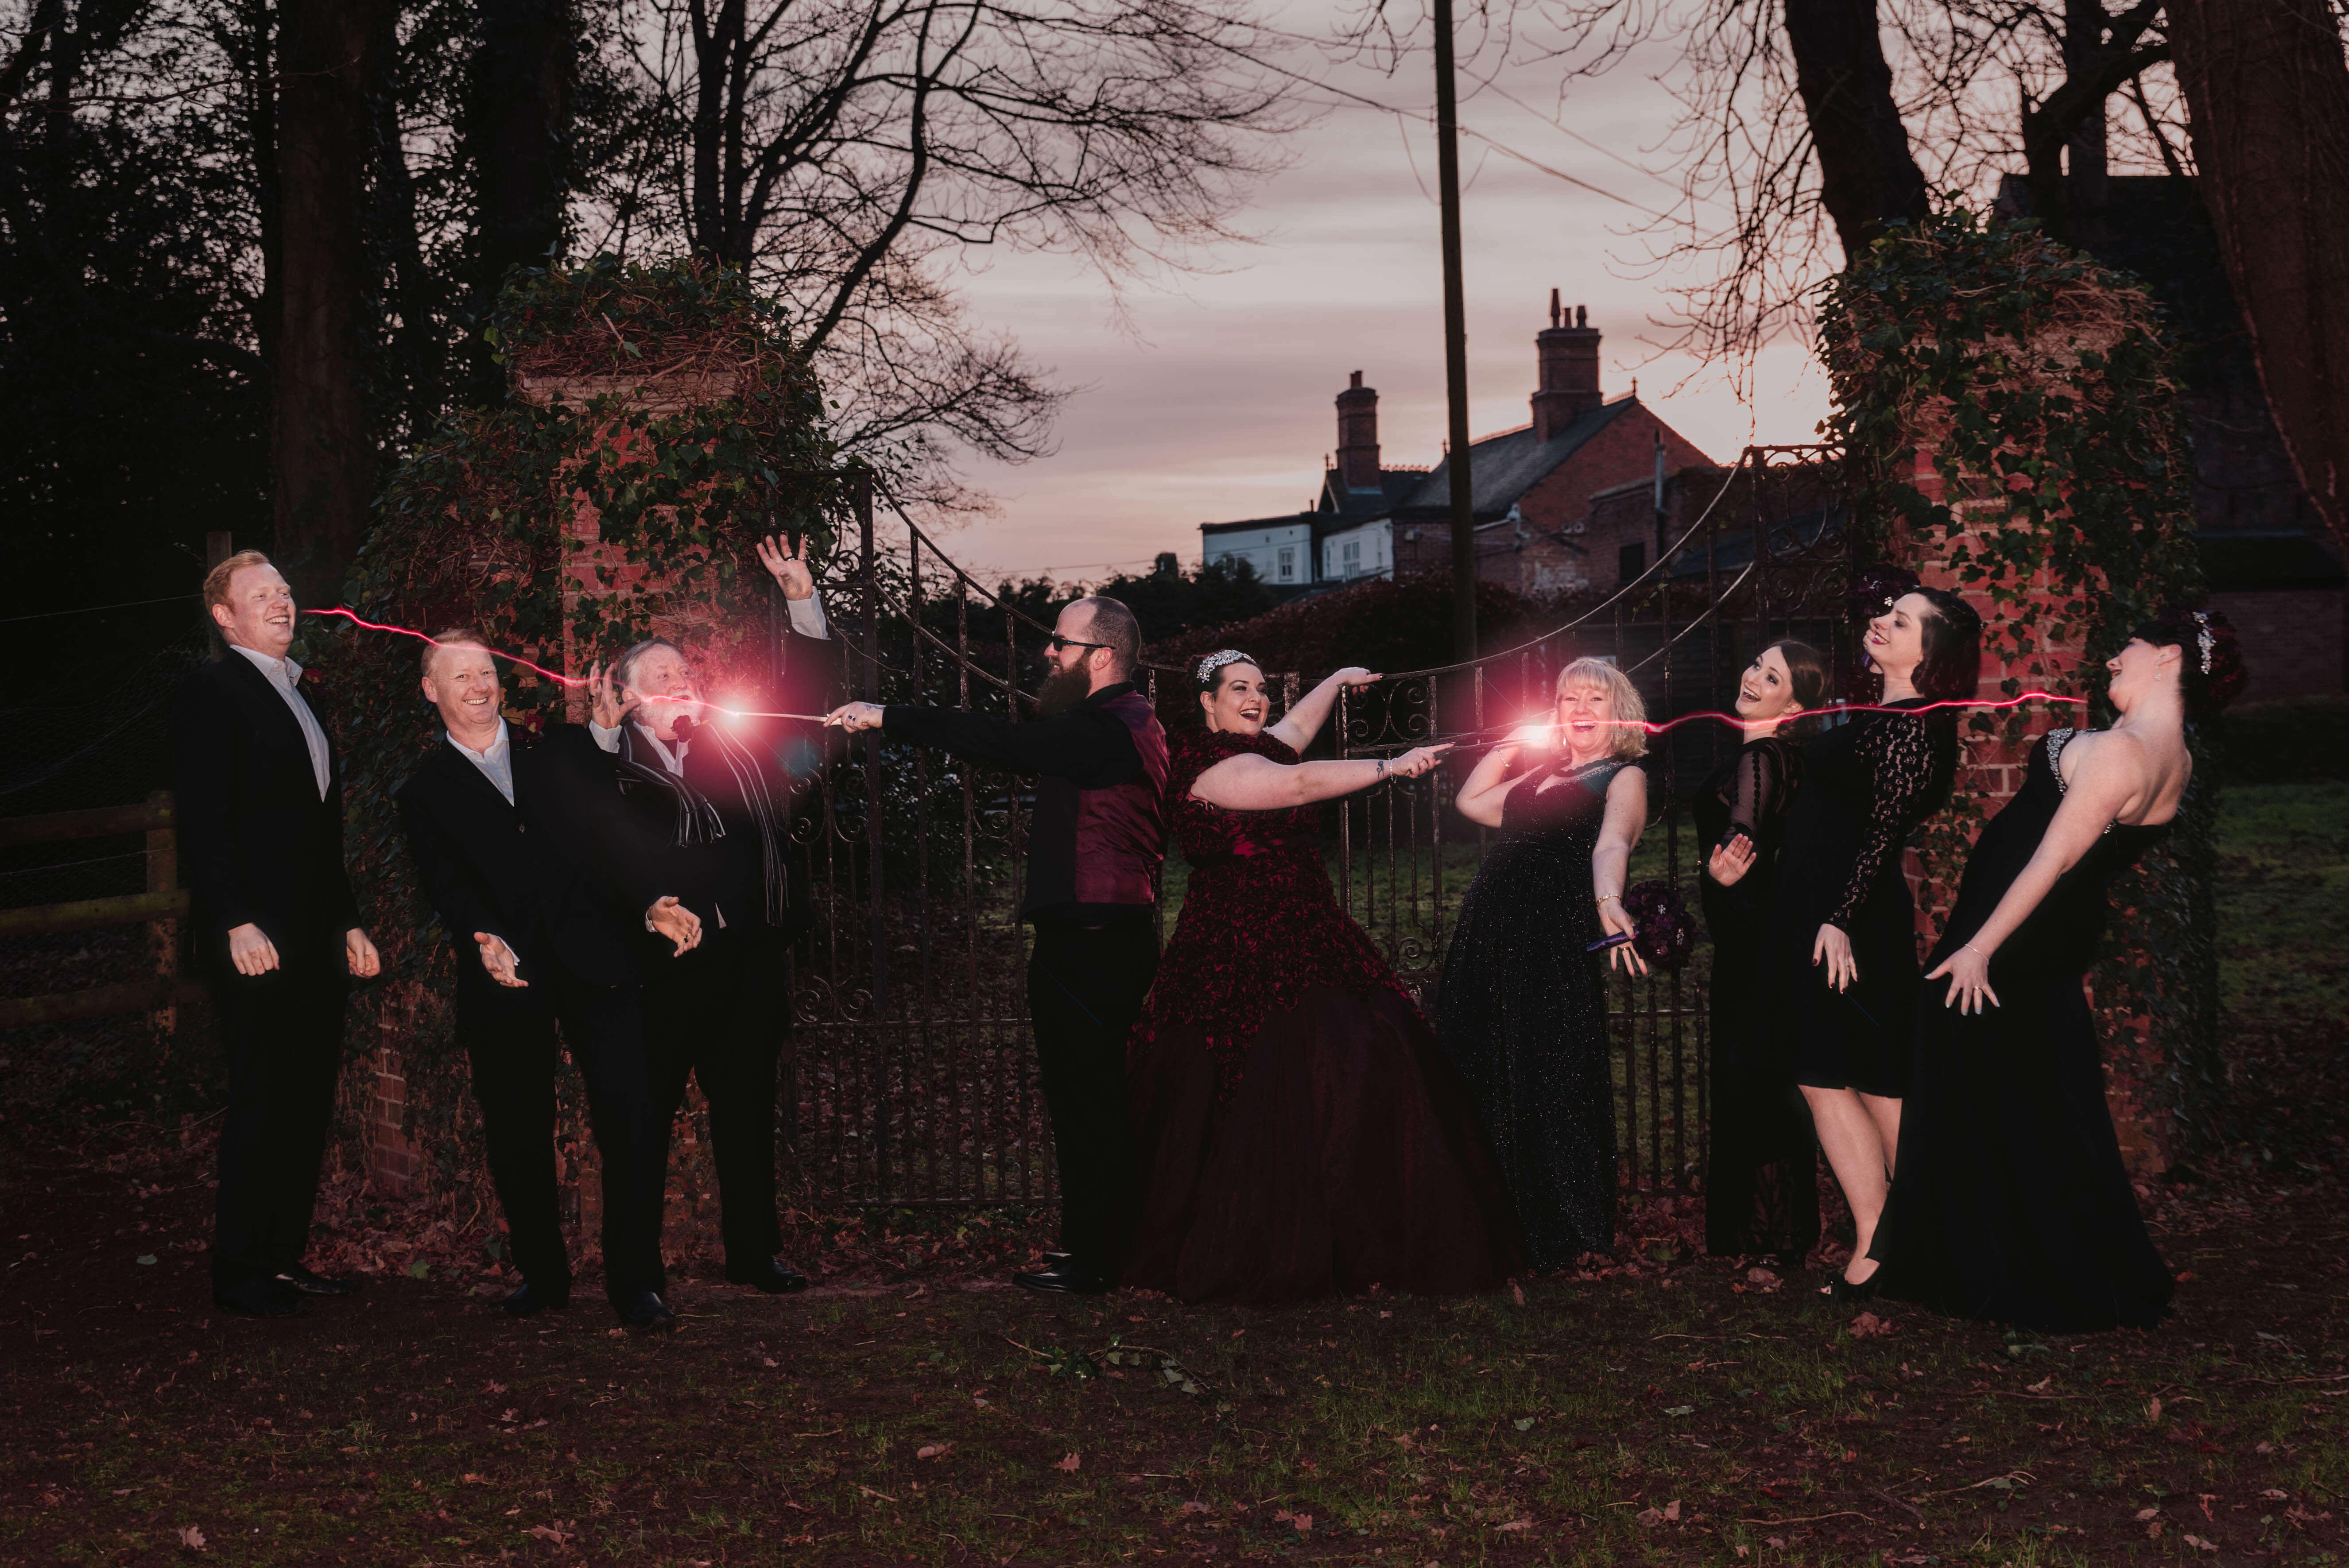 Donnington Park Farm Wedding 24 01 2017 17